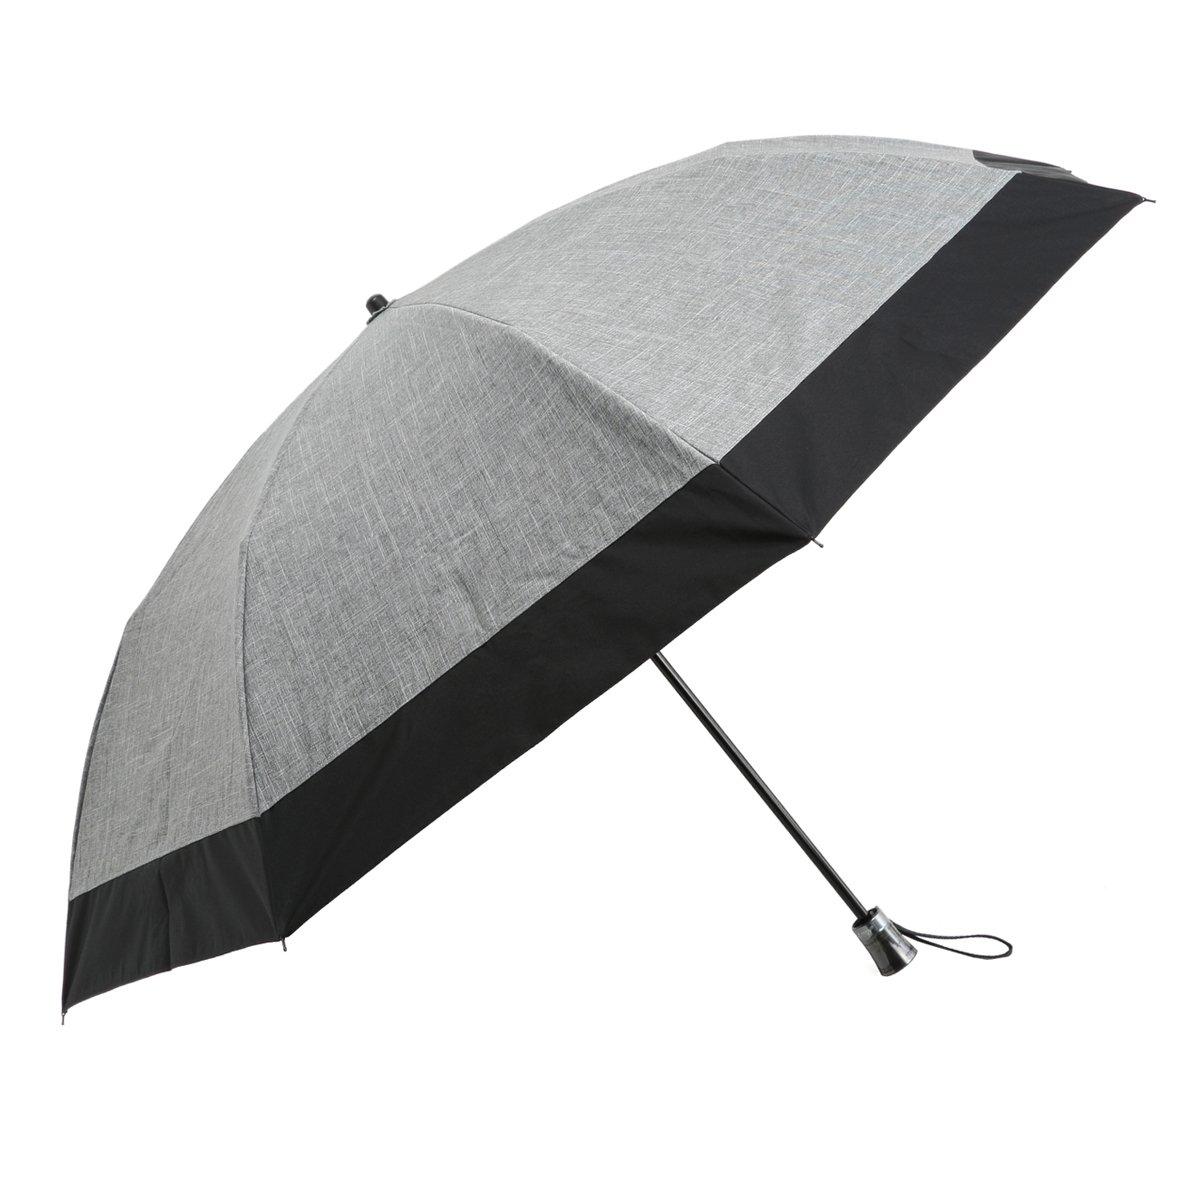 Rose Blanc(ロサブラン) 100%完全遮光 日傘 コンビ(傘袋付) 2段折りたたみ 男女兼用 ラージサイズ 60cm (ダンガリーグレー×ブラック) B01ESQ6H5Iダンガリーグレー×ブラック